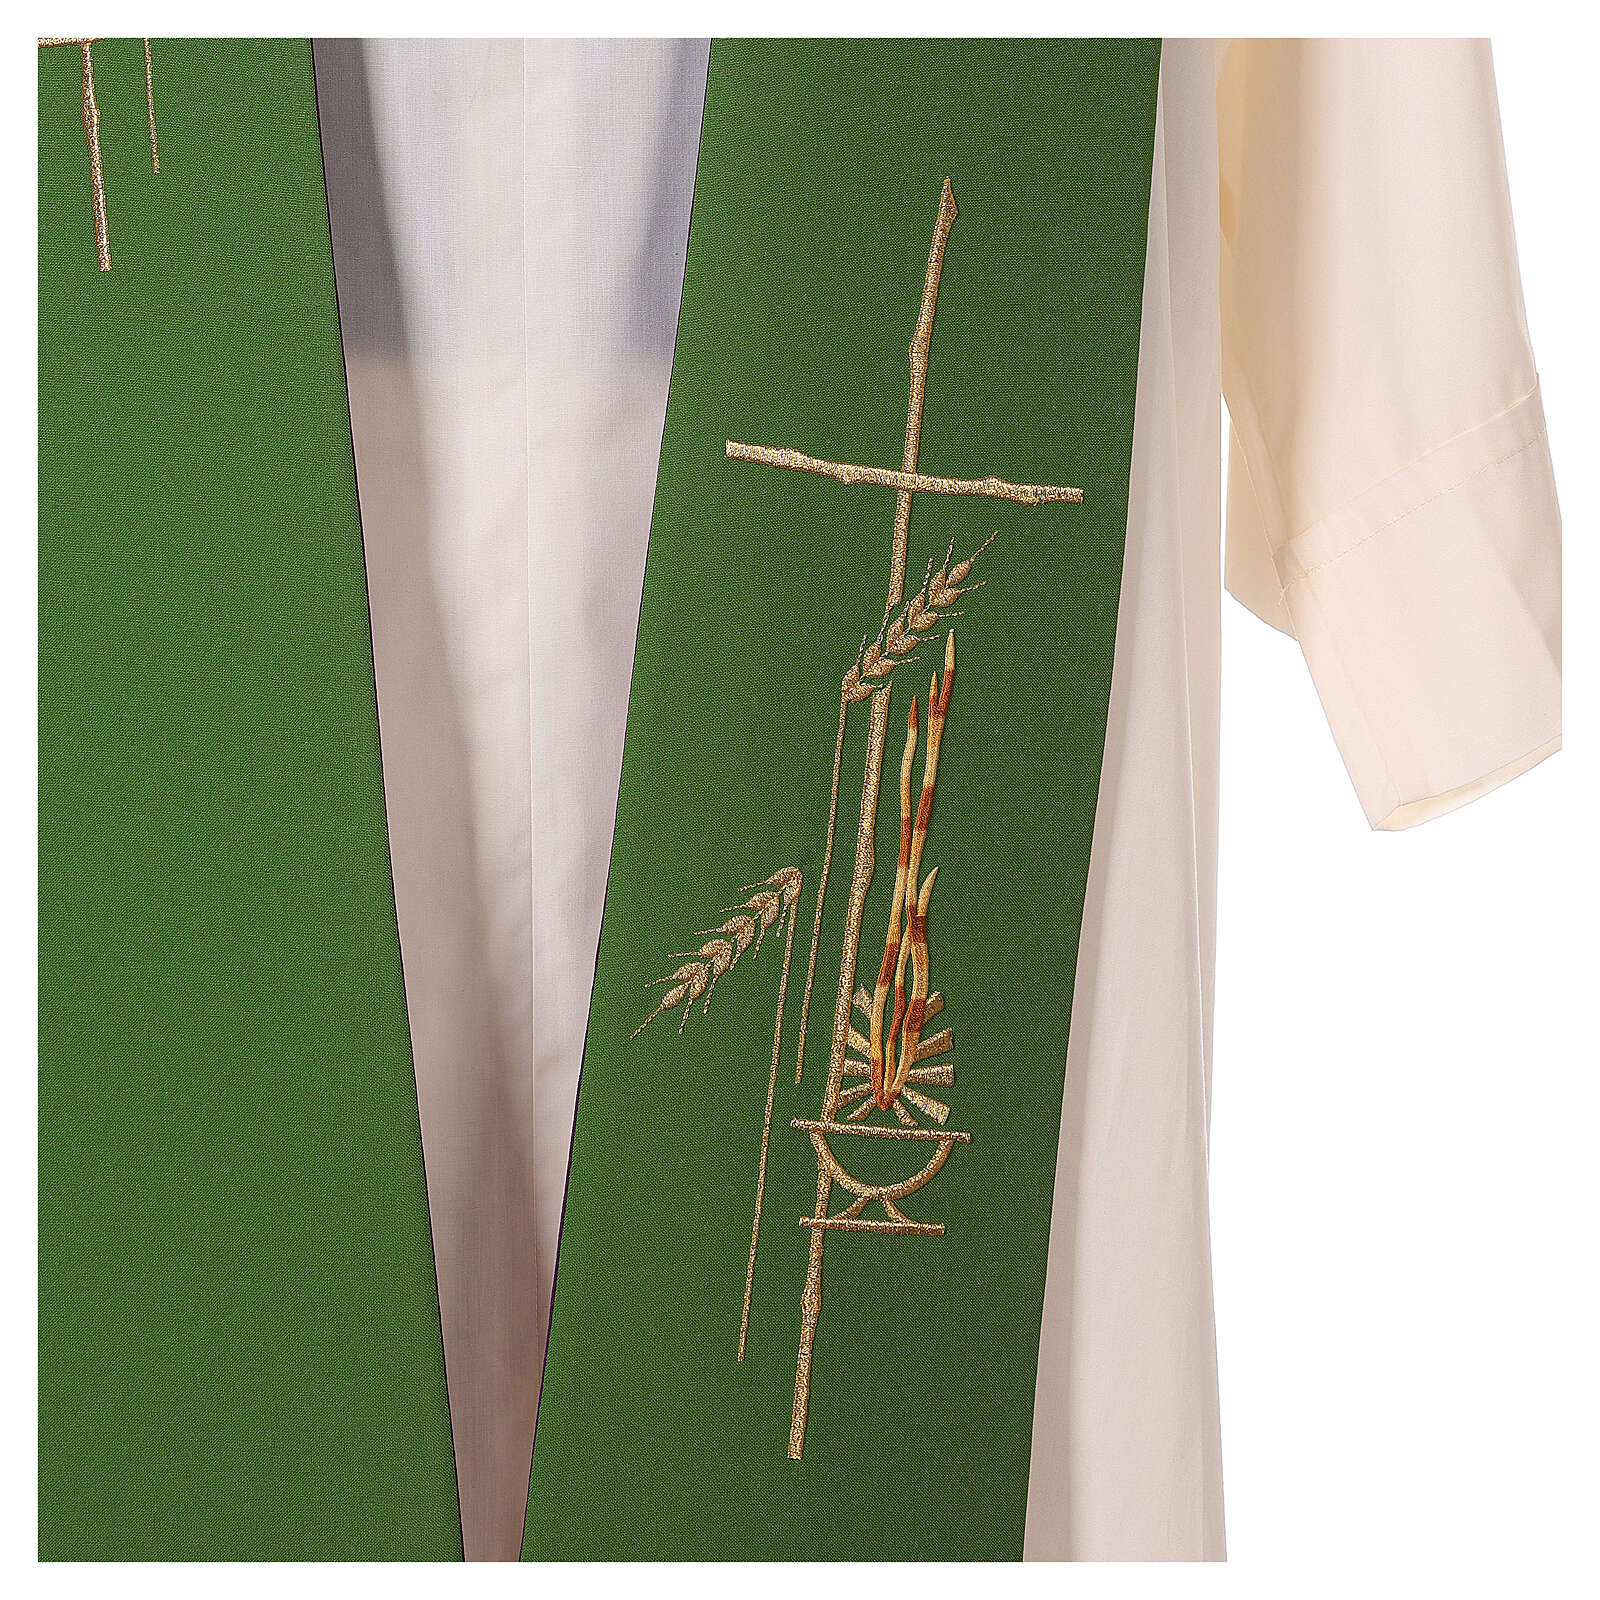 Tristola Liturgica grano bicolore viola e verde 100% poliestere 4